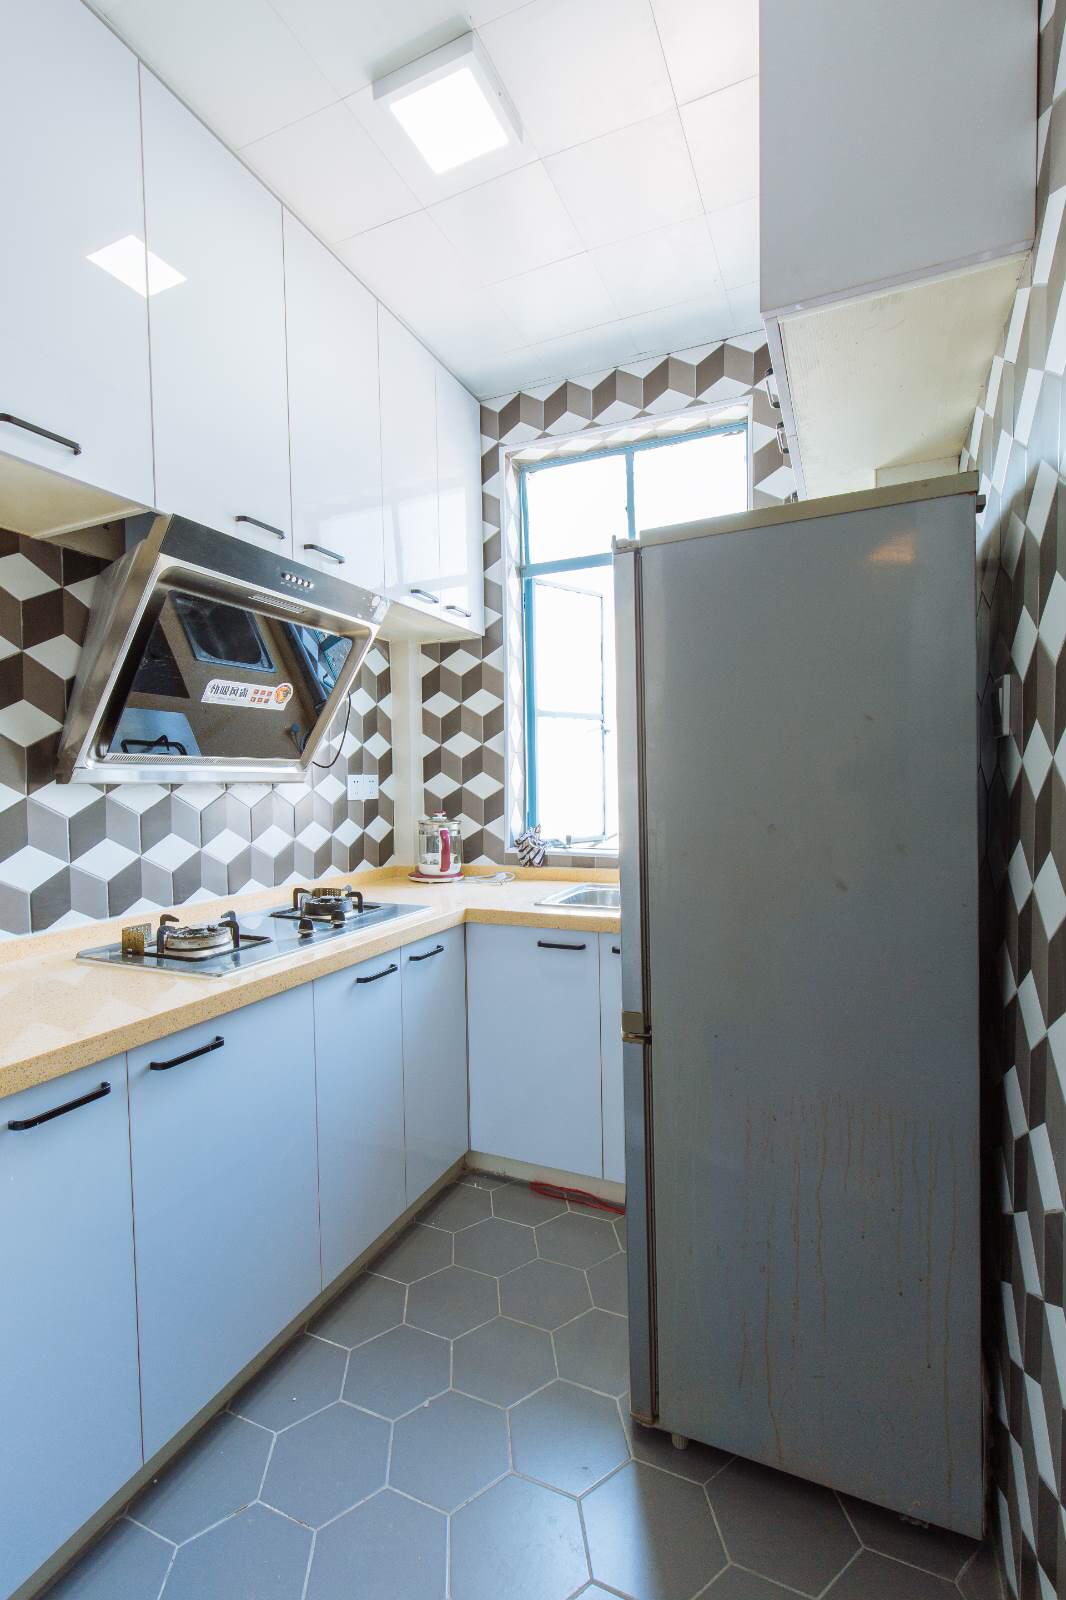 45㎡小户型厨房装修效果图